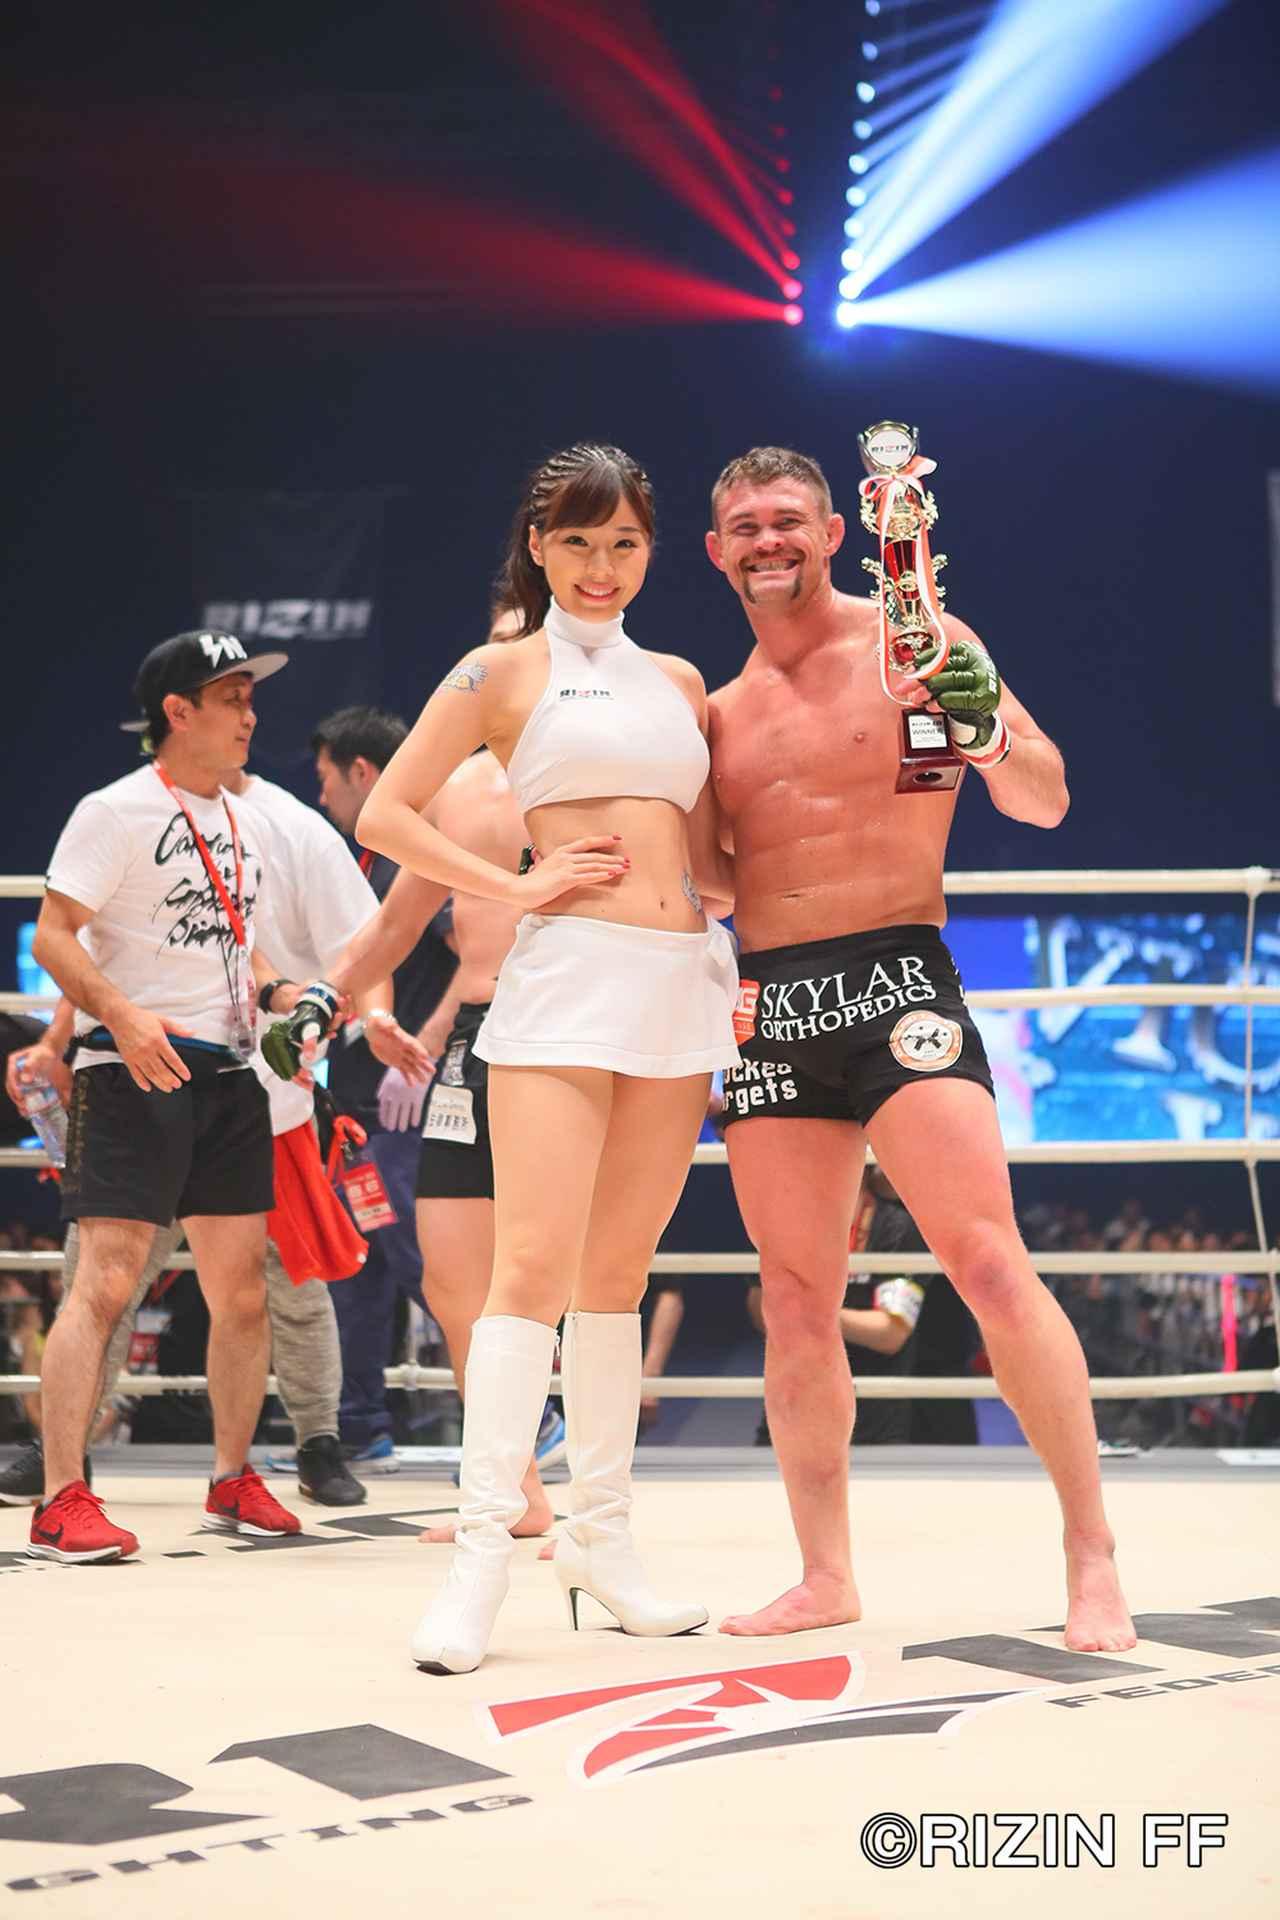 画像7: 松本を襲った戦慄の左ハイキック! クルックシャンクが一撃KO勝ち!!